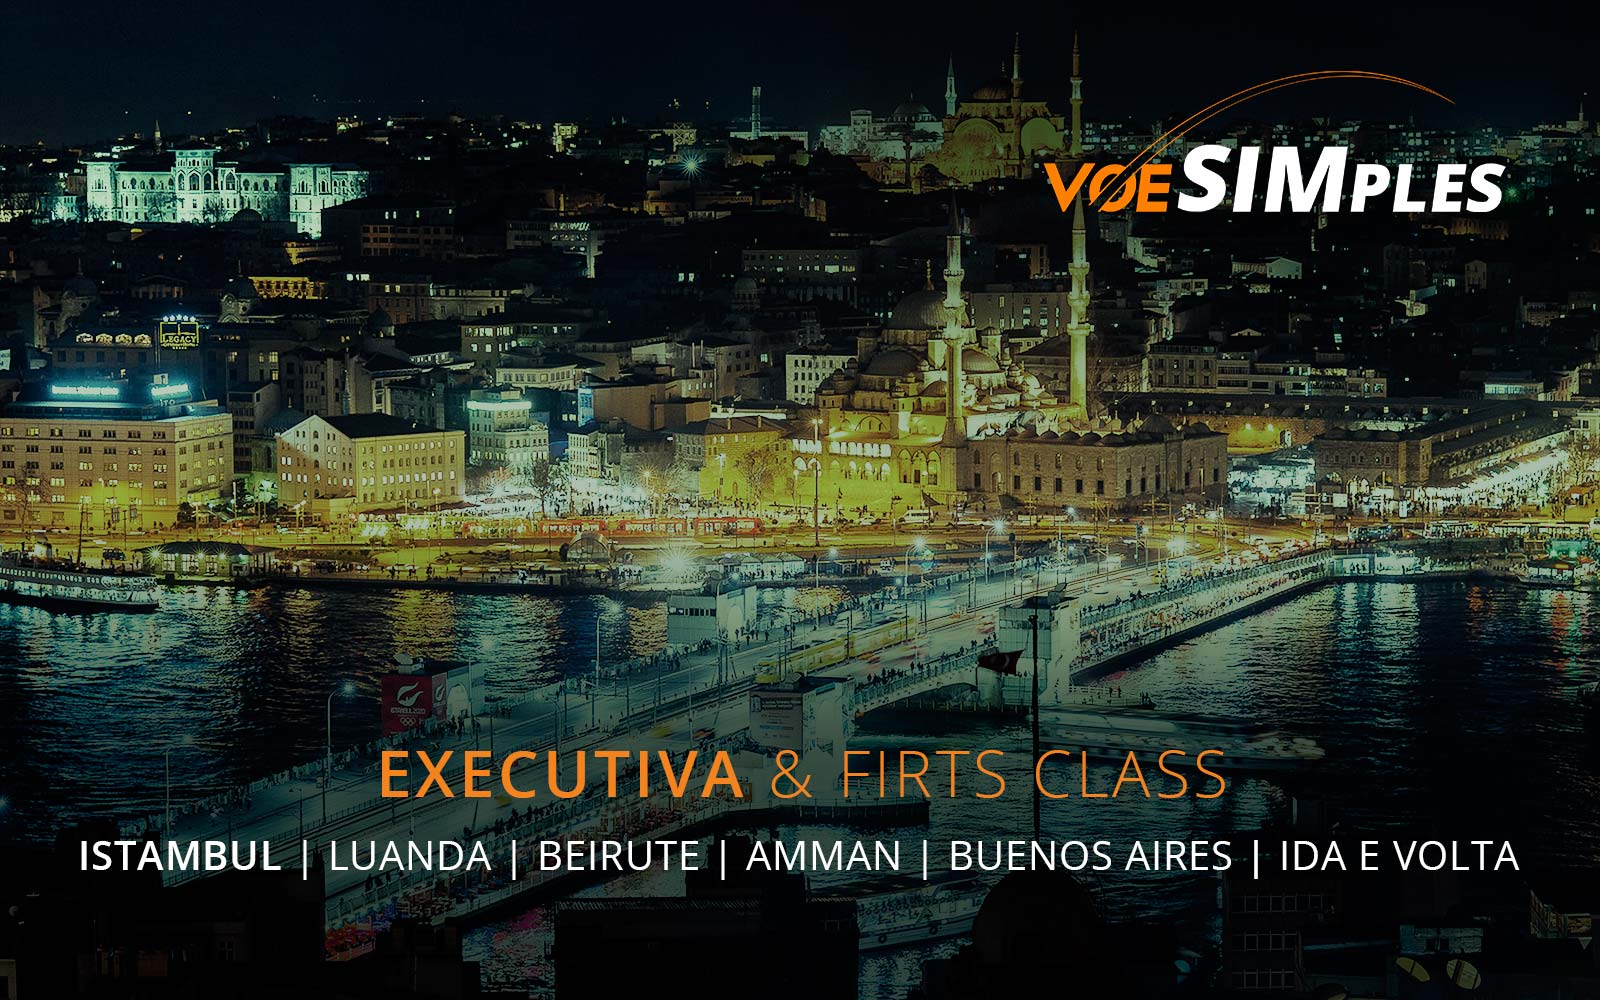 Primeira Classe Emirates para Buenos Aires, Beirute, Luanda, Amman e Istambul